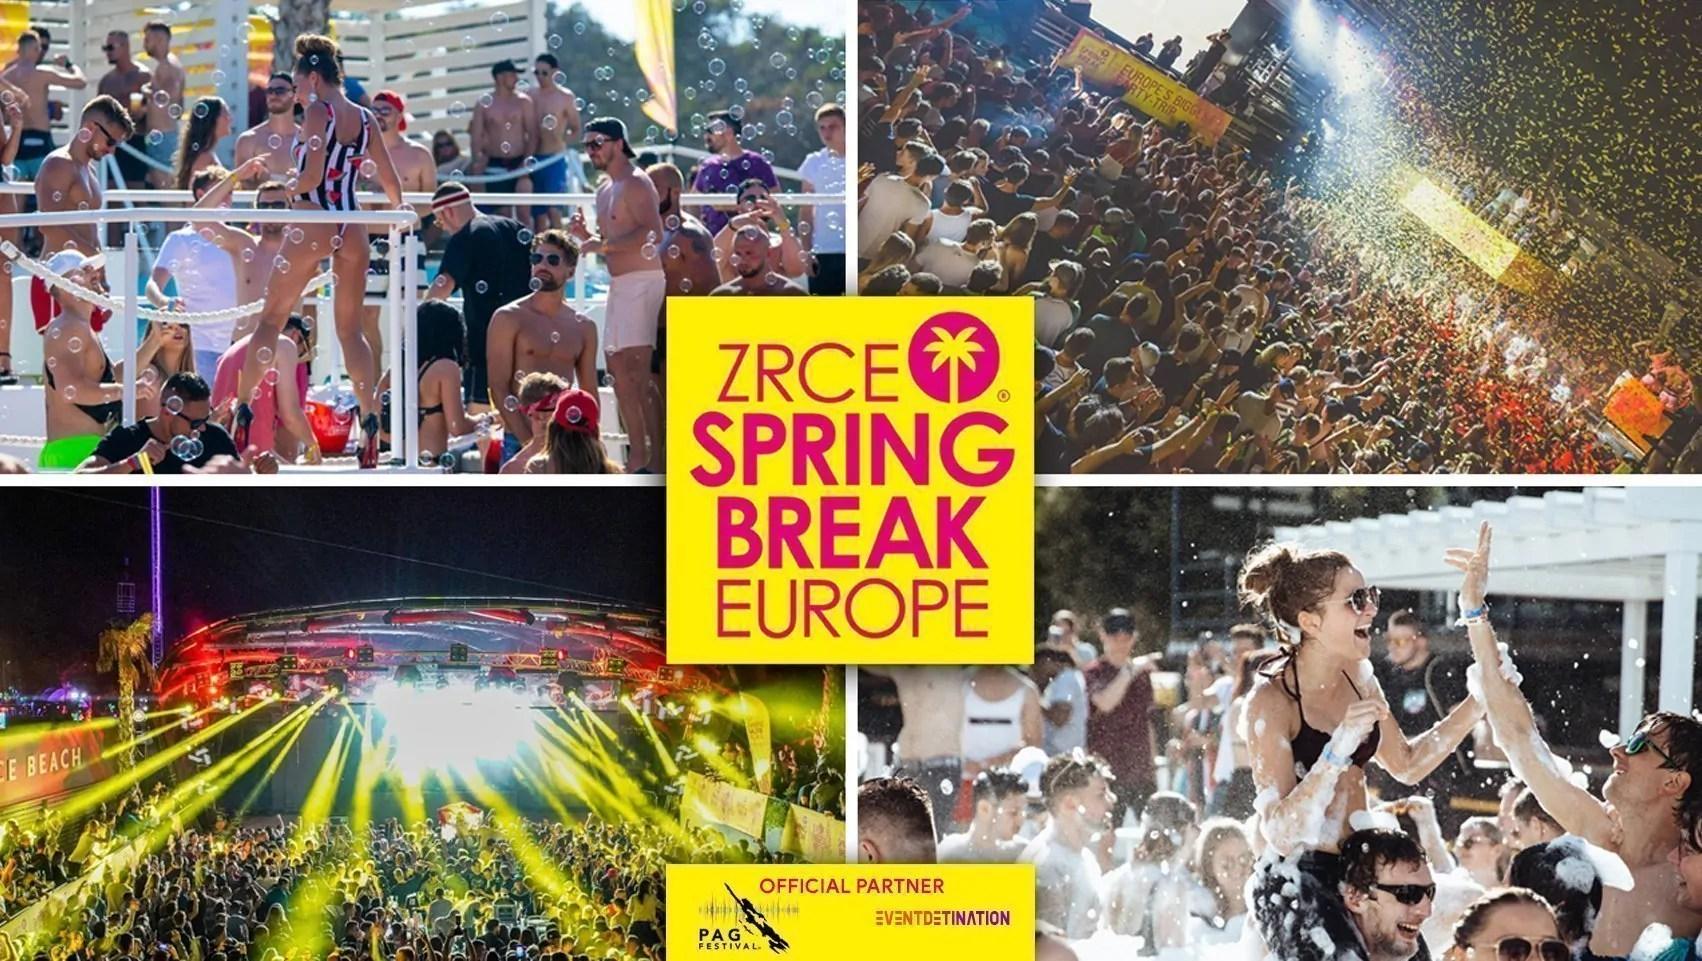 Zrce Spring Break Europe 29 Maggio- 02 Giugno 2020 Ticket + Appartamenti o Hotel